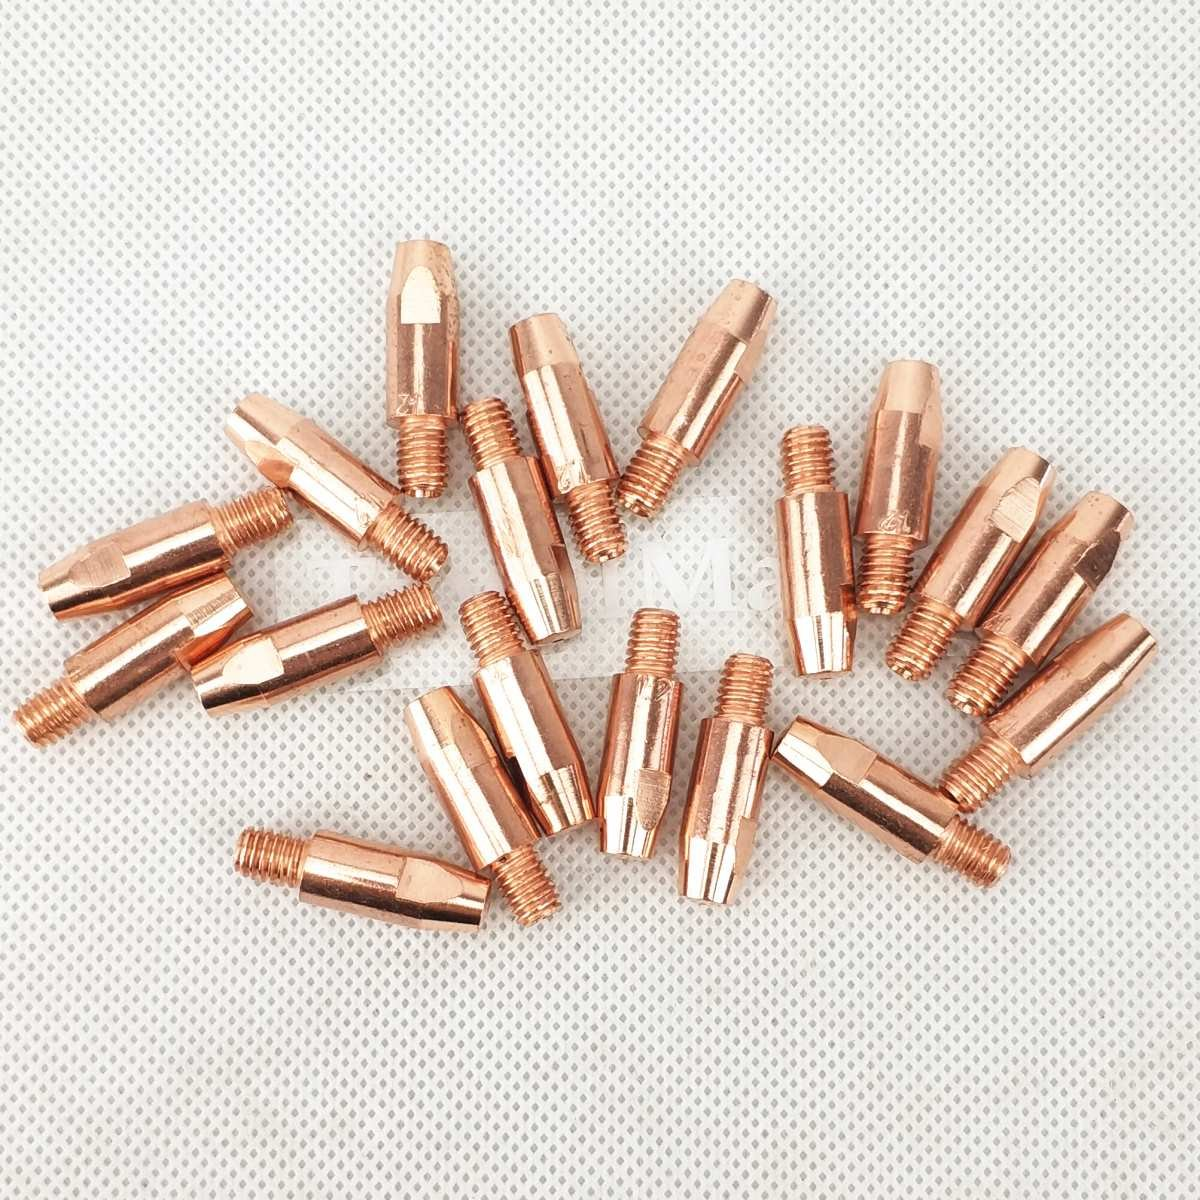 15 AK 24 KD 36 KD boquillas de contacto para el cuello de cisne MIG linterna//pistola consumibles para linternas de soldar estilo europeo MIG MAG